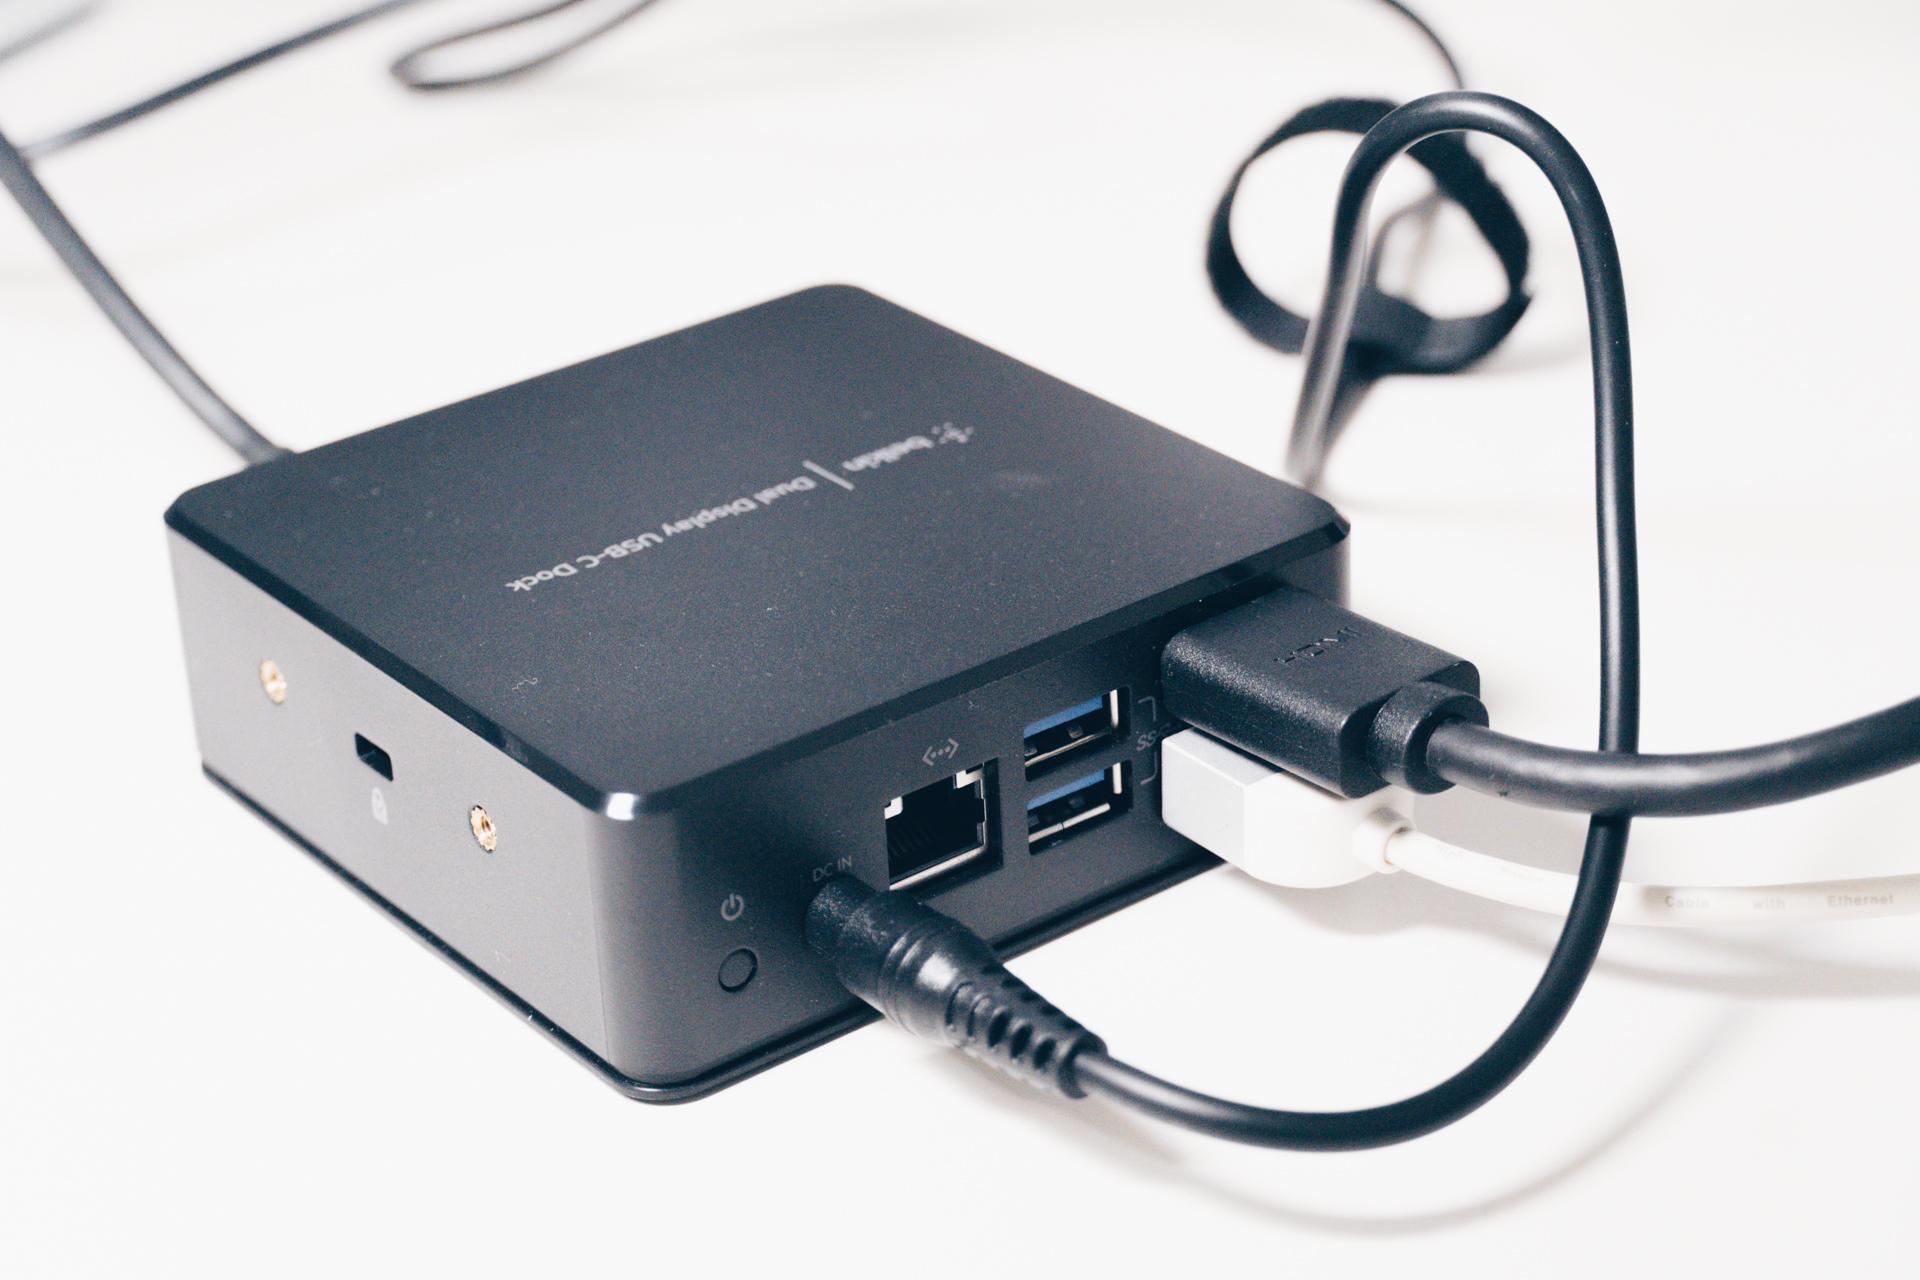 Belkin USB-Cデュアルディスプレイドッキングステーション レビュー